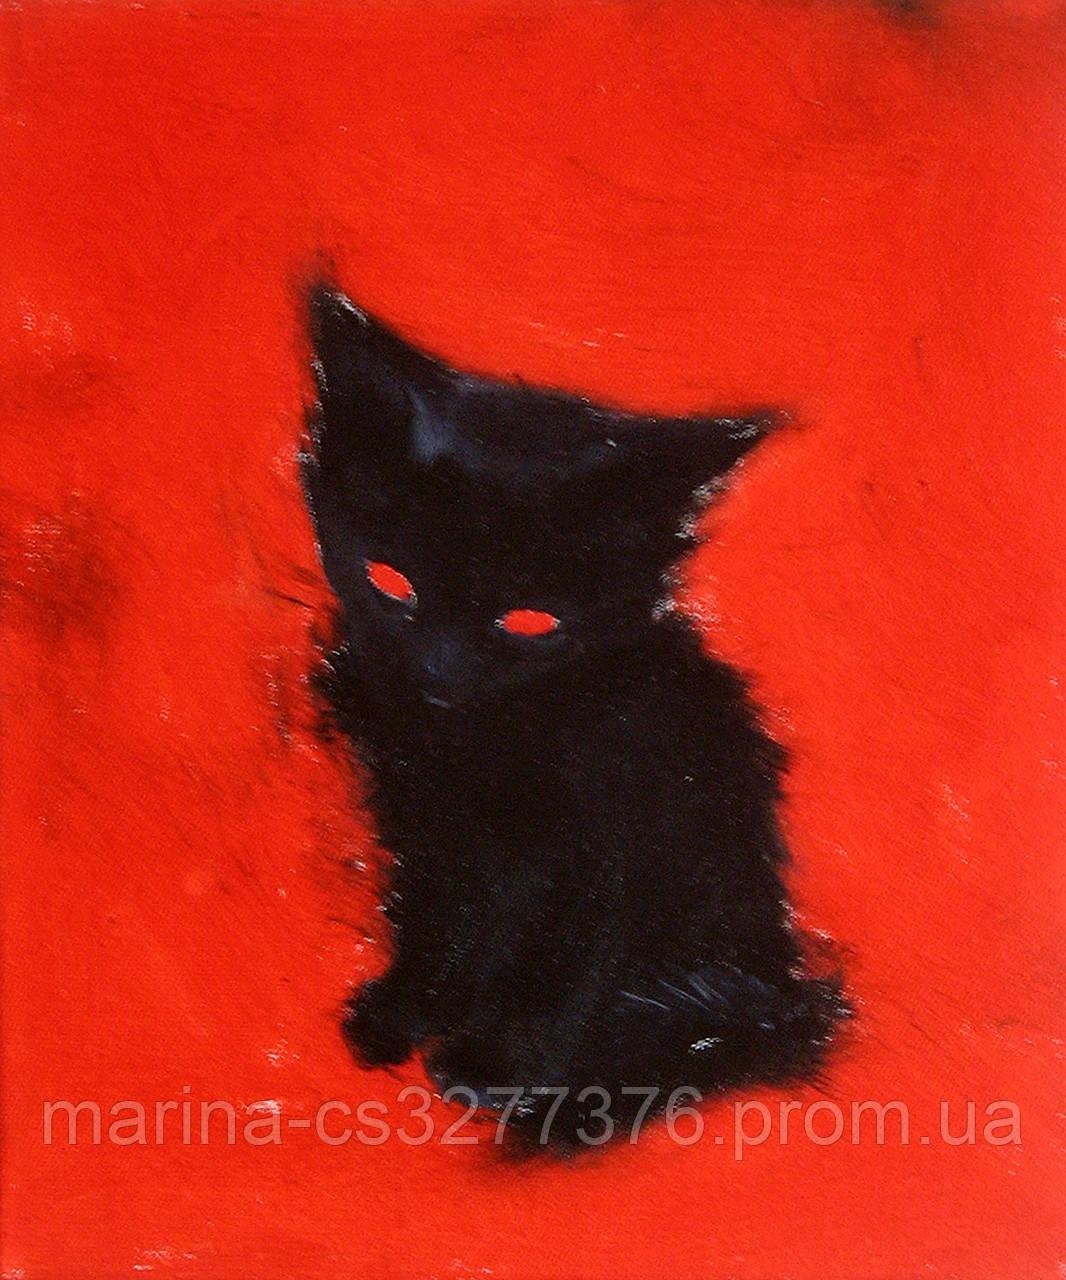 Картина Сонный котеночек, 25х30 см, холст, масло, галерейная натяжка, современная интерьерная живопись